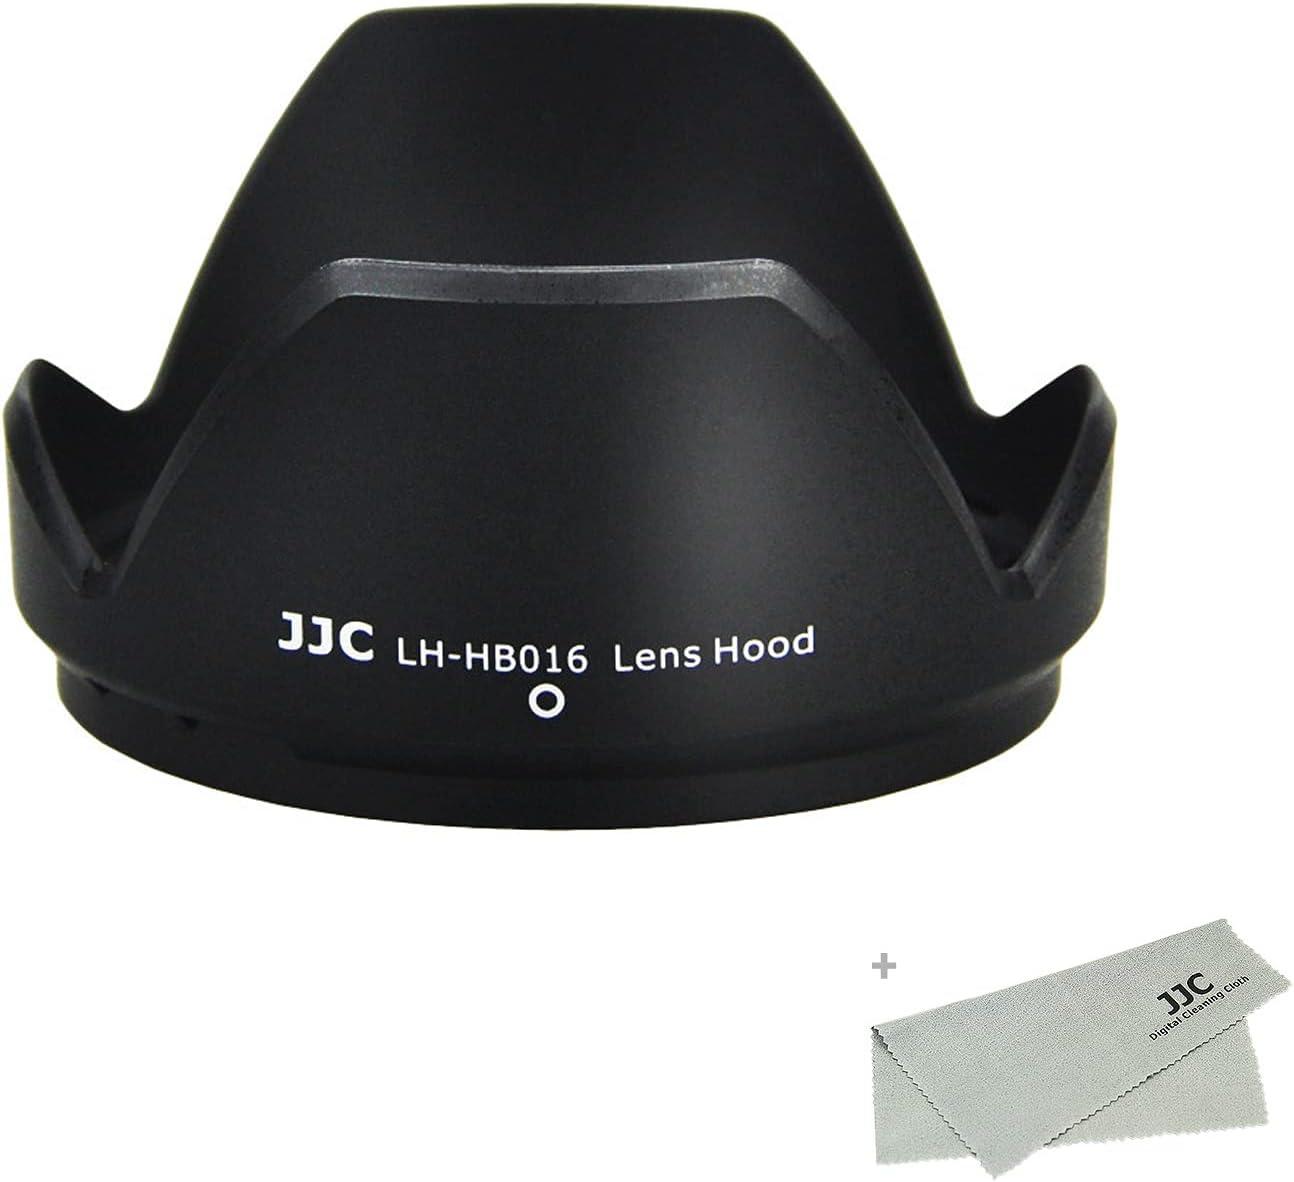 Free Shipping Cheap Bargain Gift Reversible Lens Hood for Tamron B016 Di F3.5-6.3 free shipping 16-300mm II VC